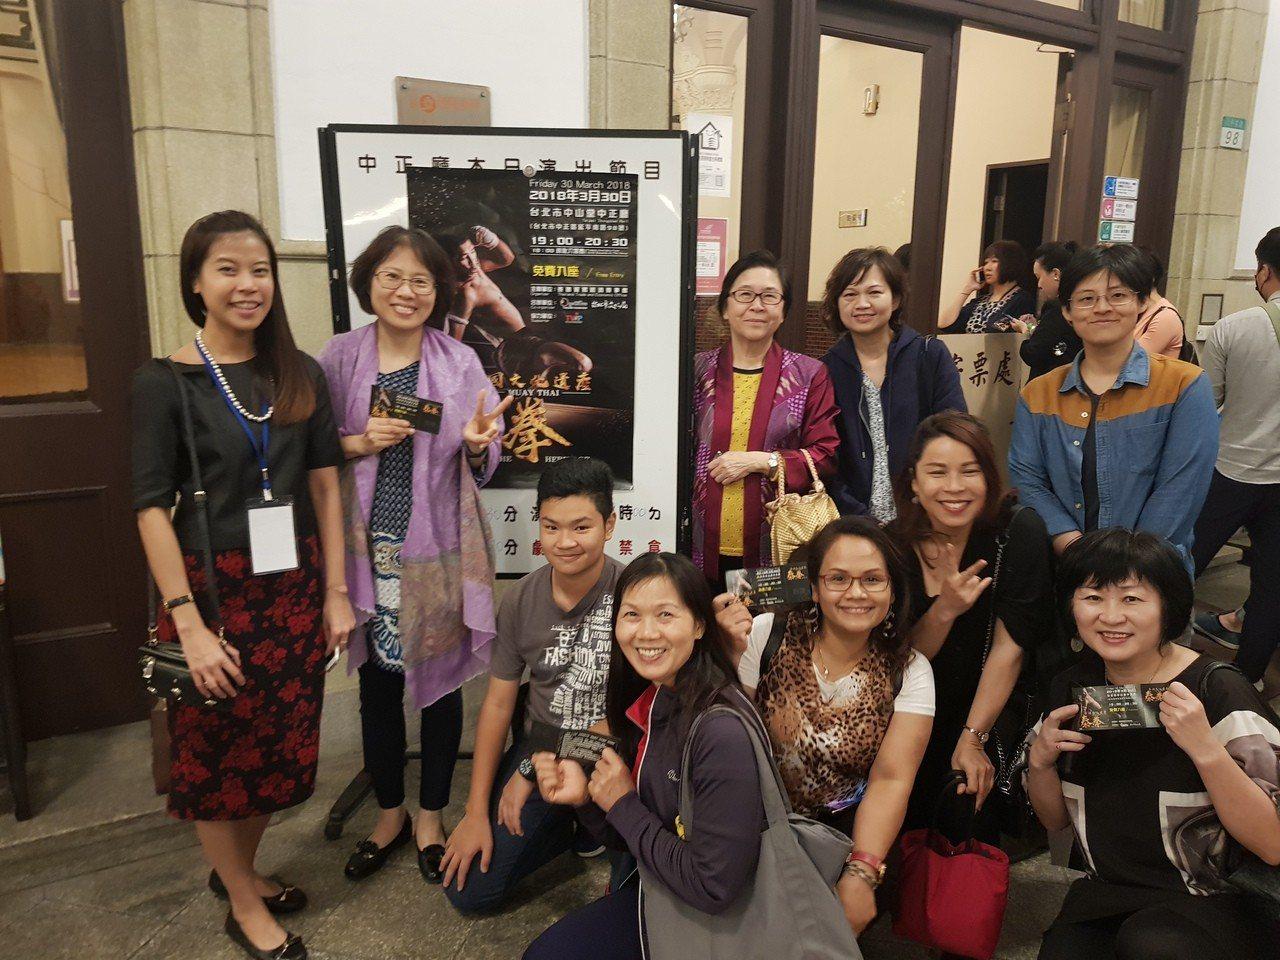 新住民姊妹們及新二代一同欣賞泰拳藝術表演。記者蕭雅娟/翻攝